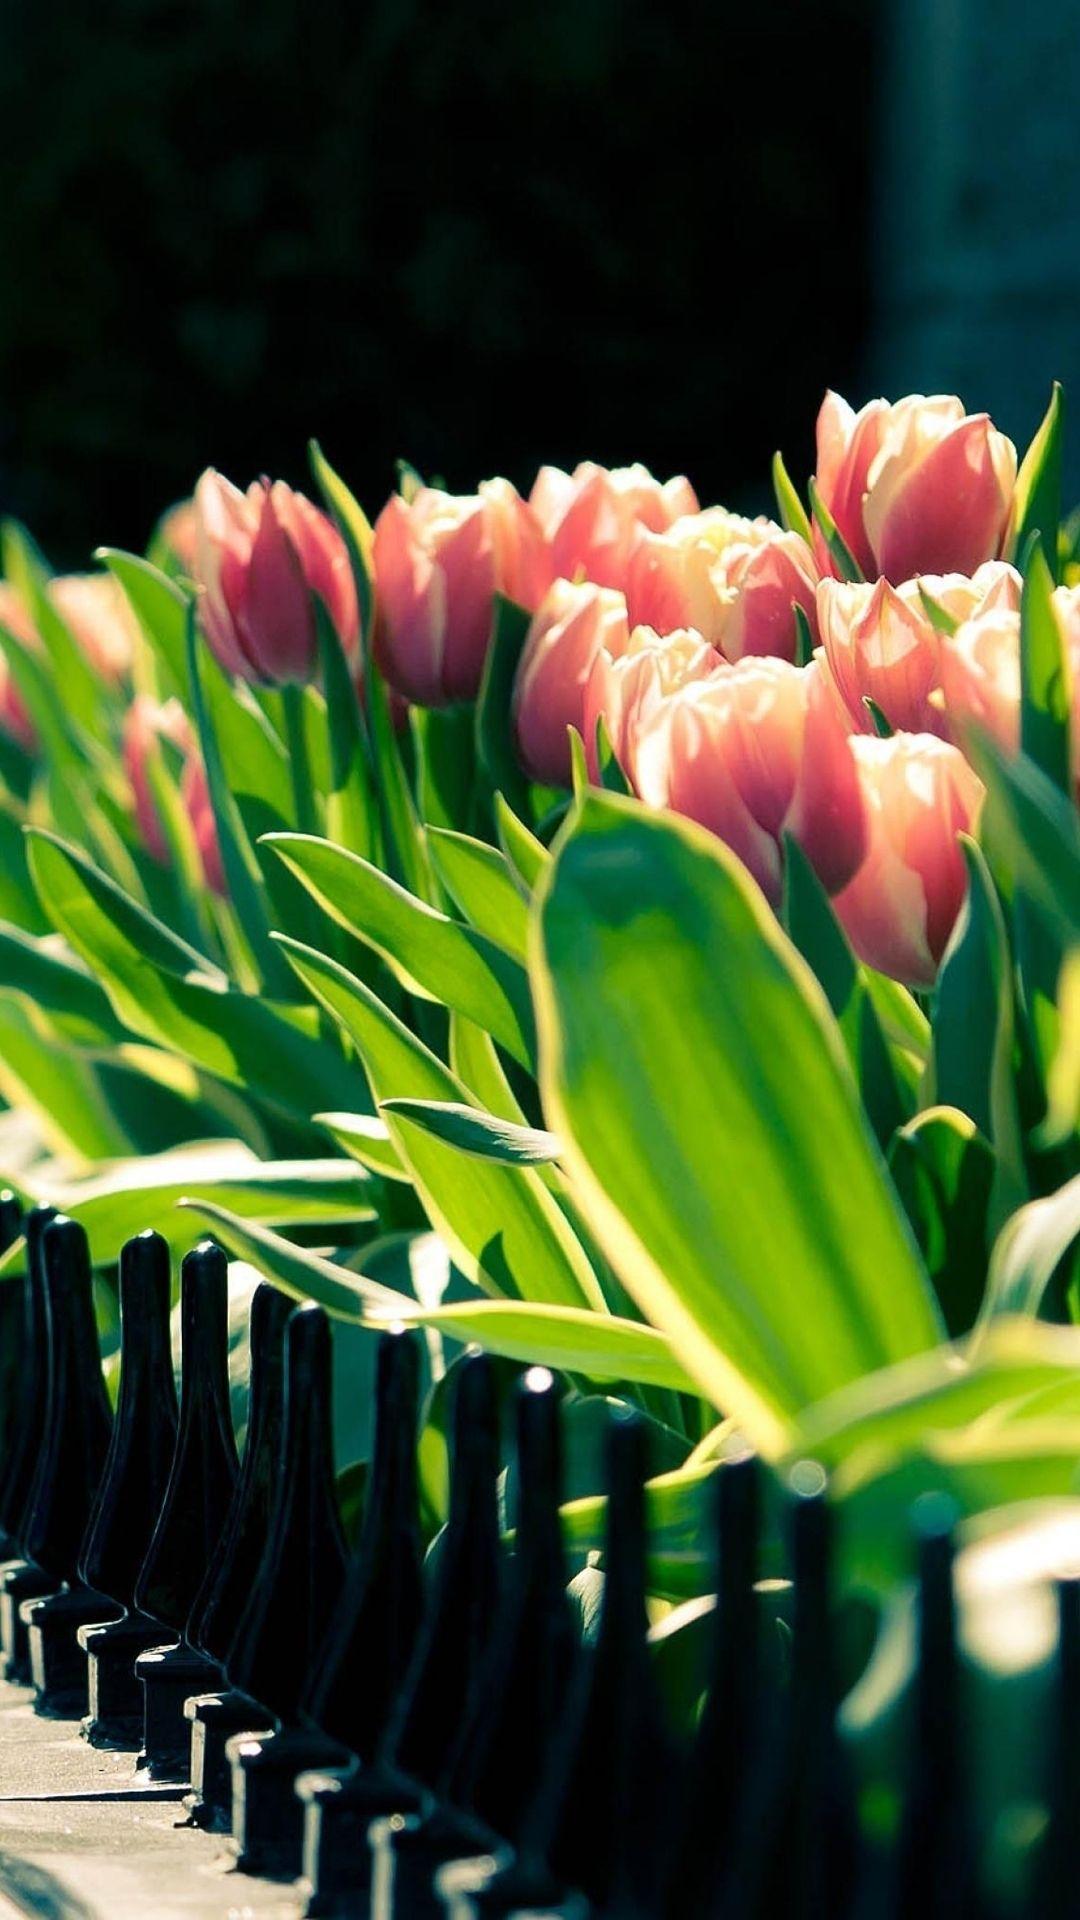 Tulip Garden Beside Fence iPhone 6 plus wallpaper